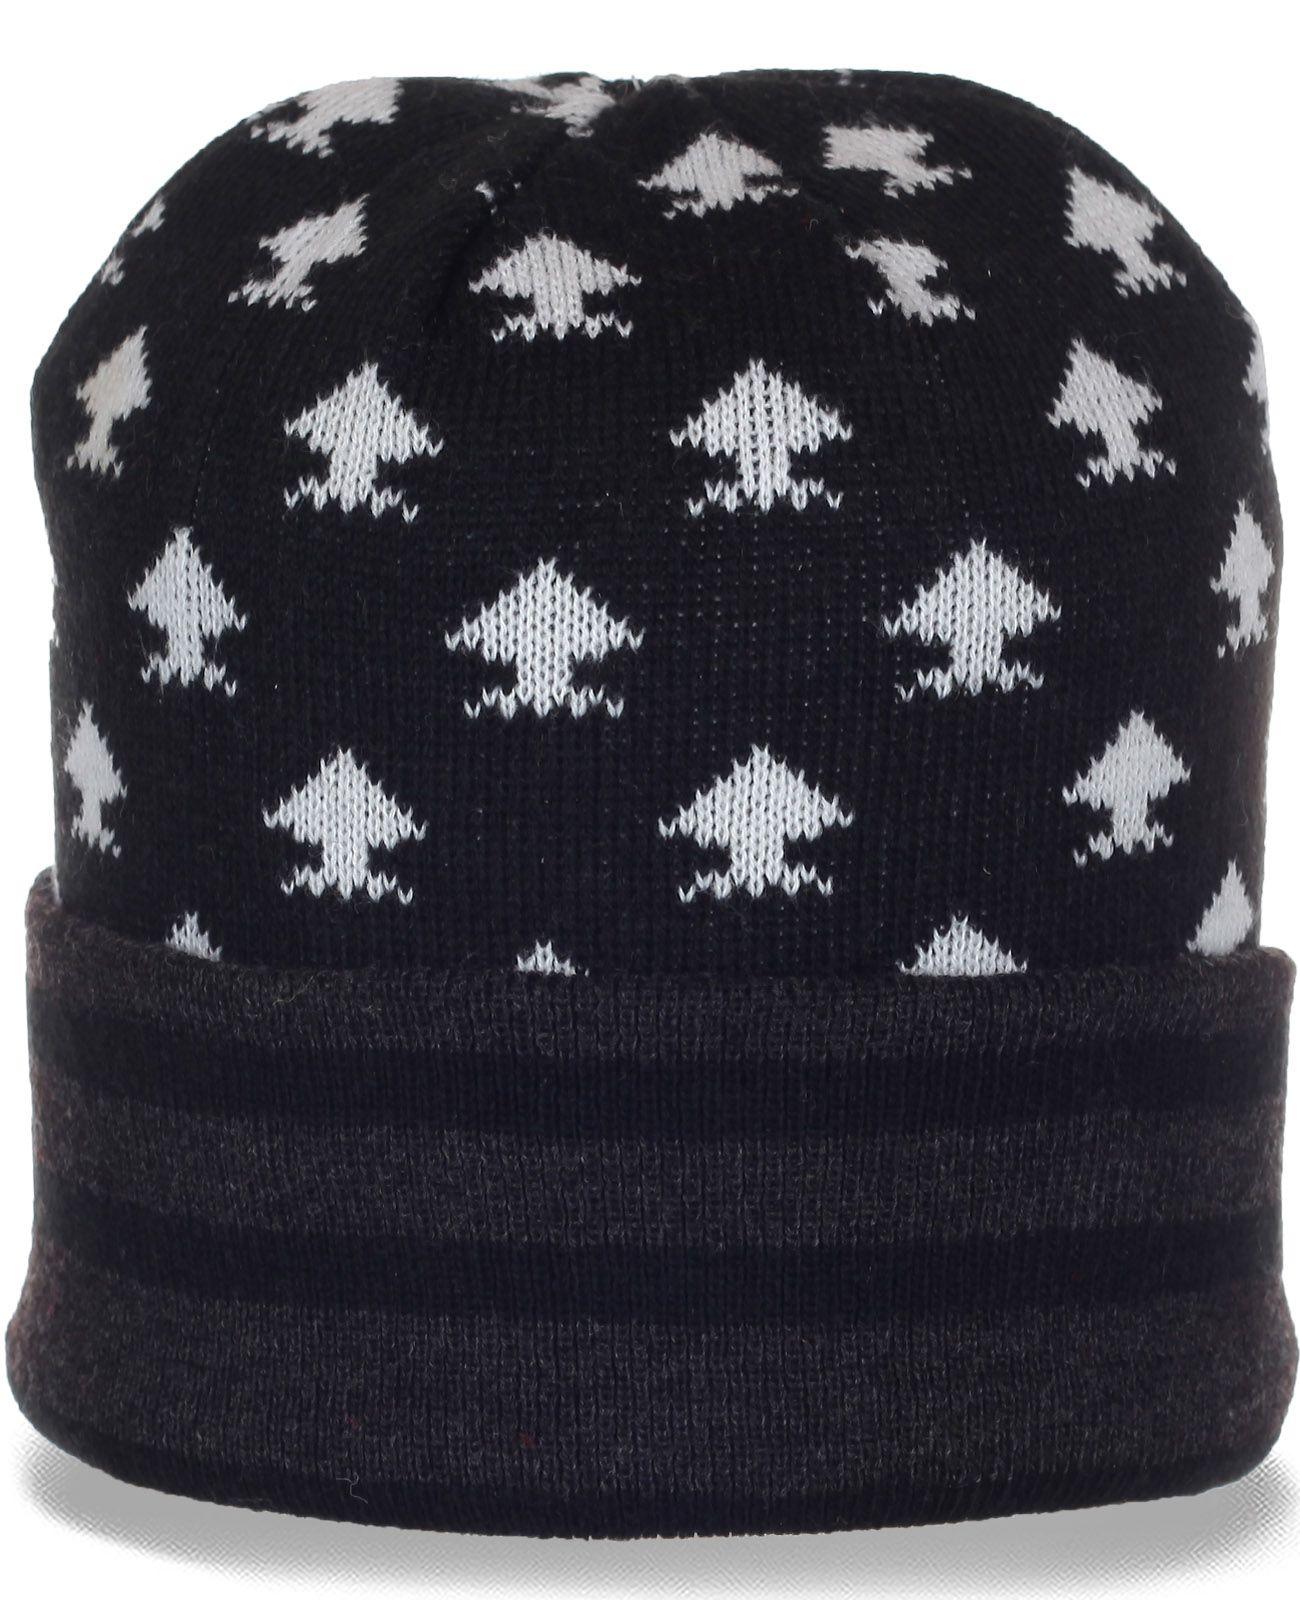 Топовая демисезонная мужская шапочка